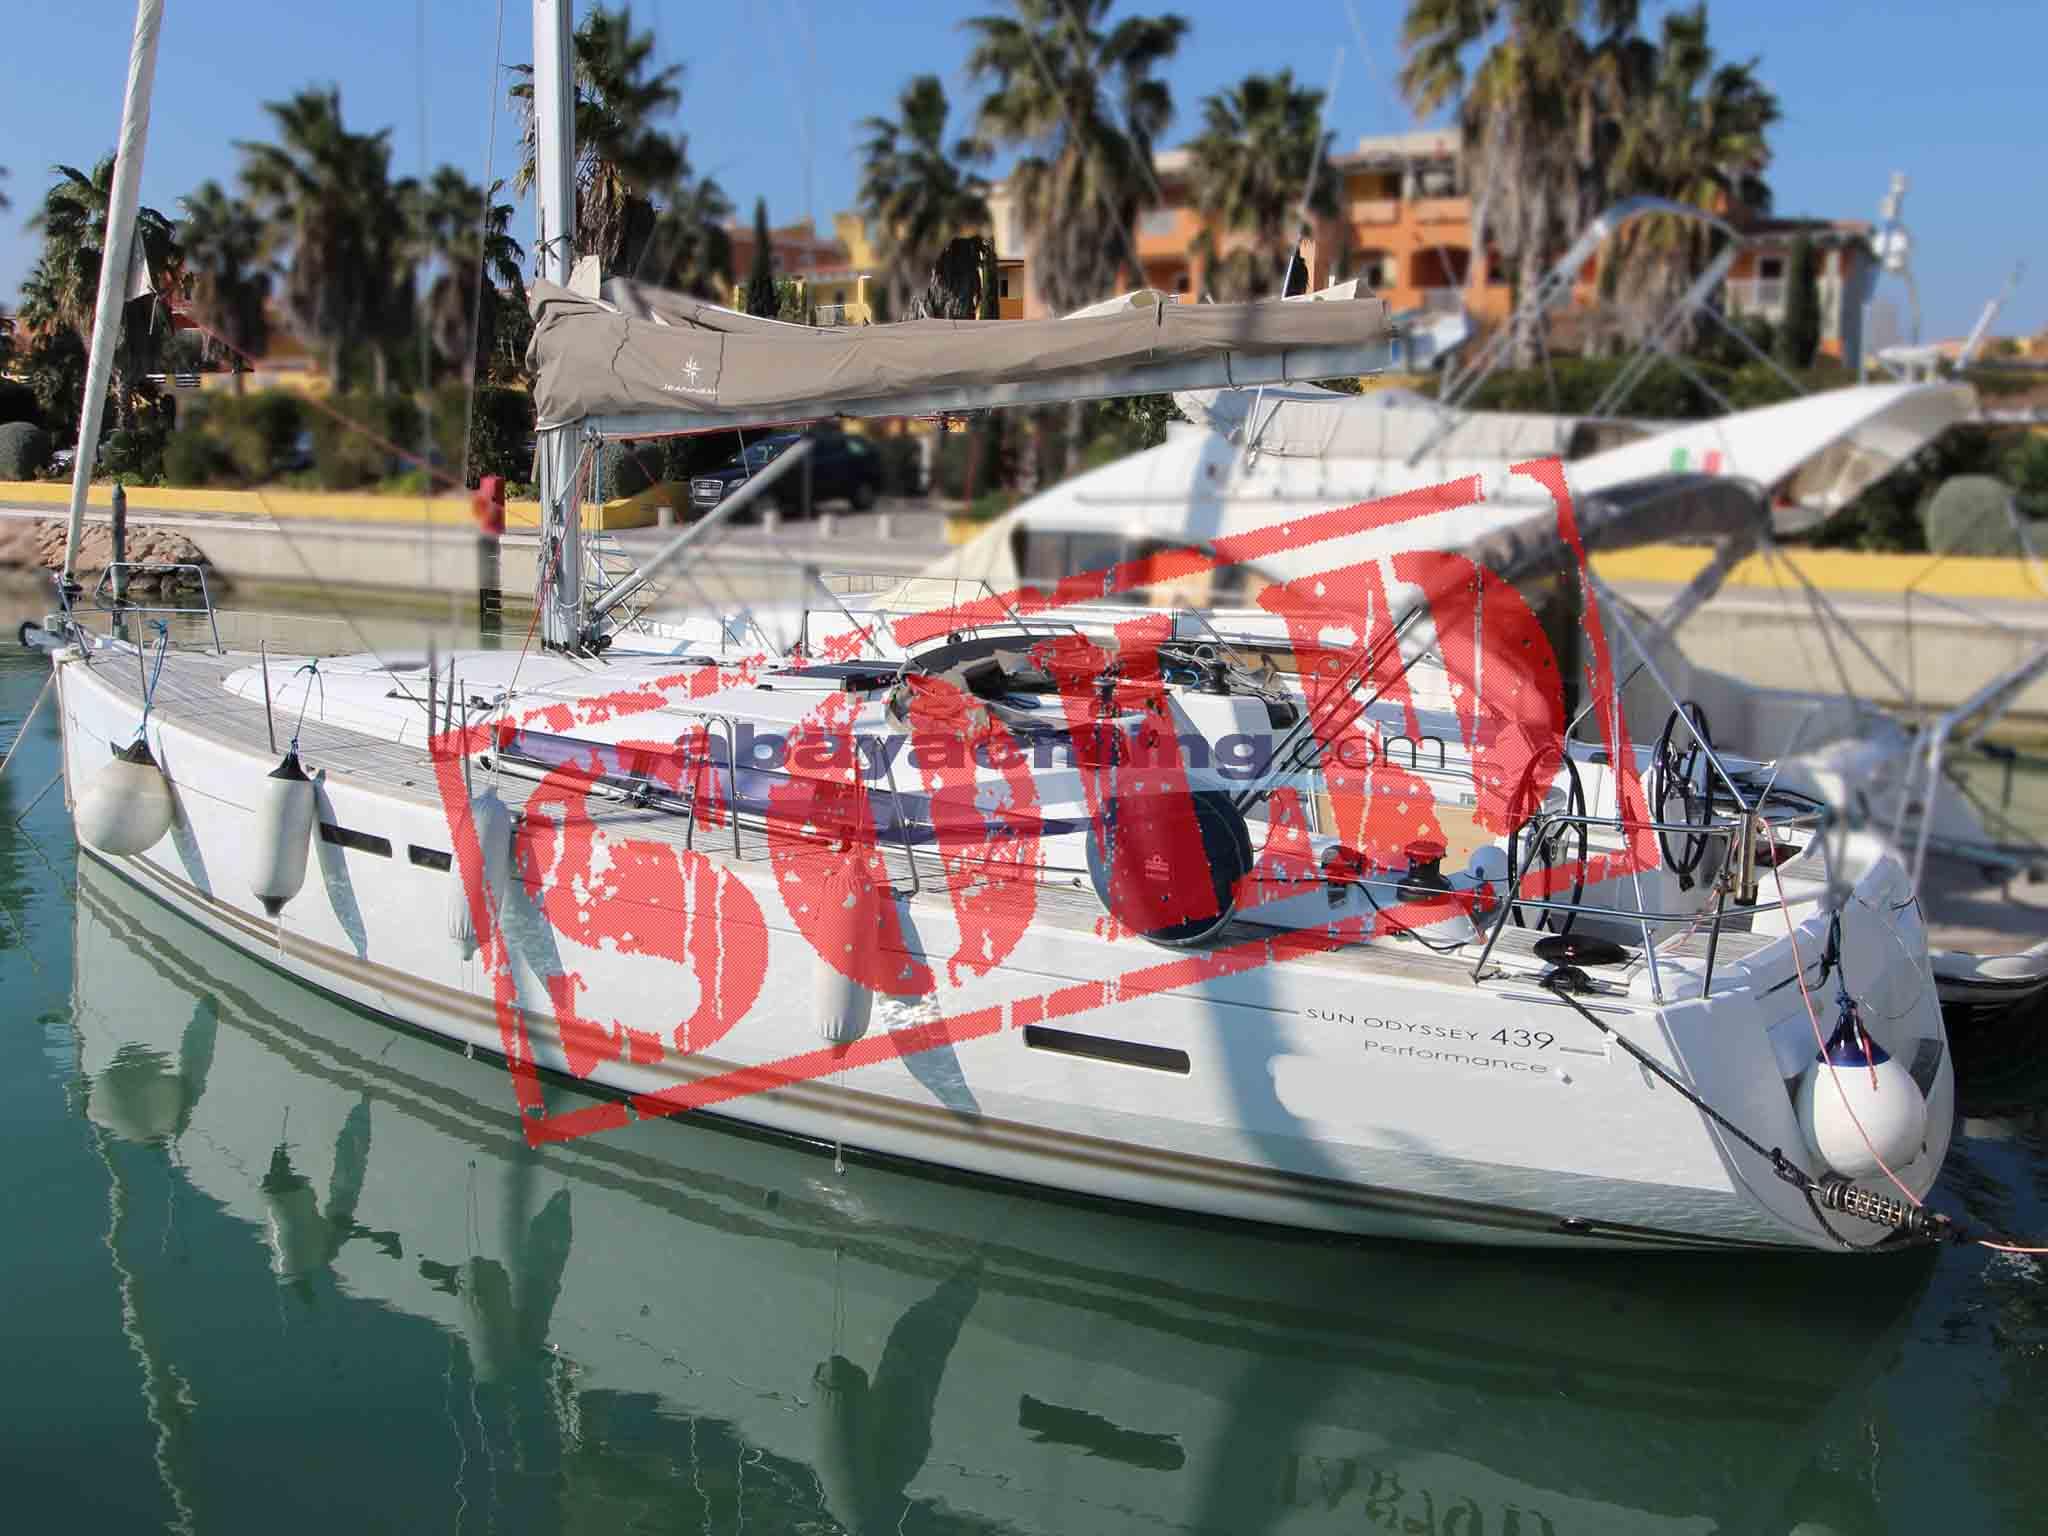 Jeanneau Sun Odyssey 439 2011 sold